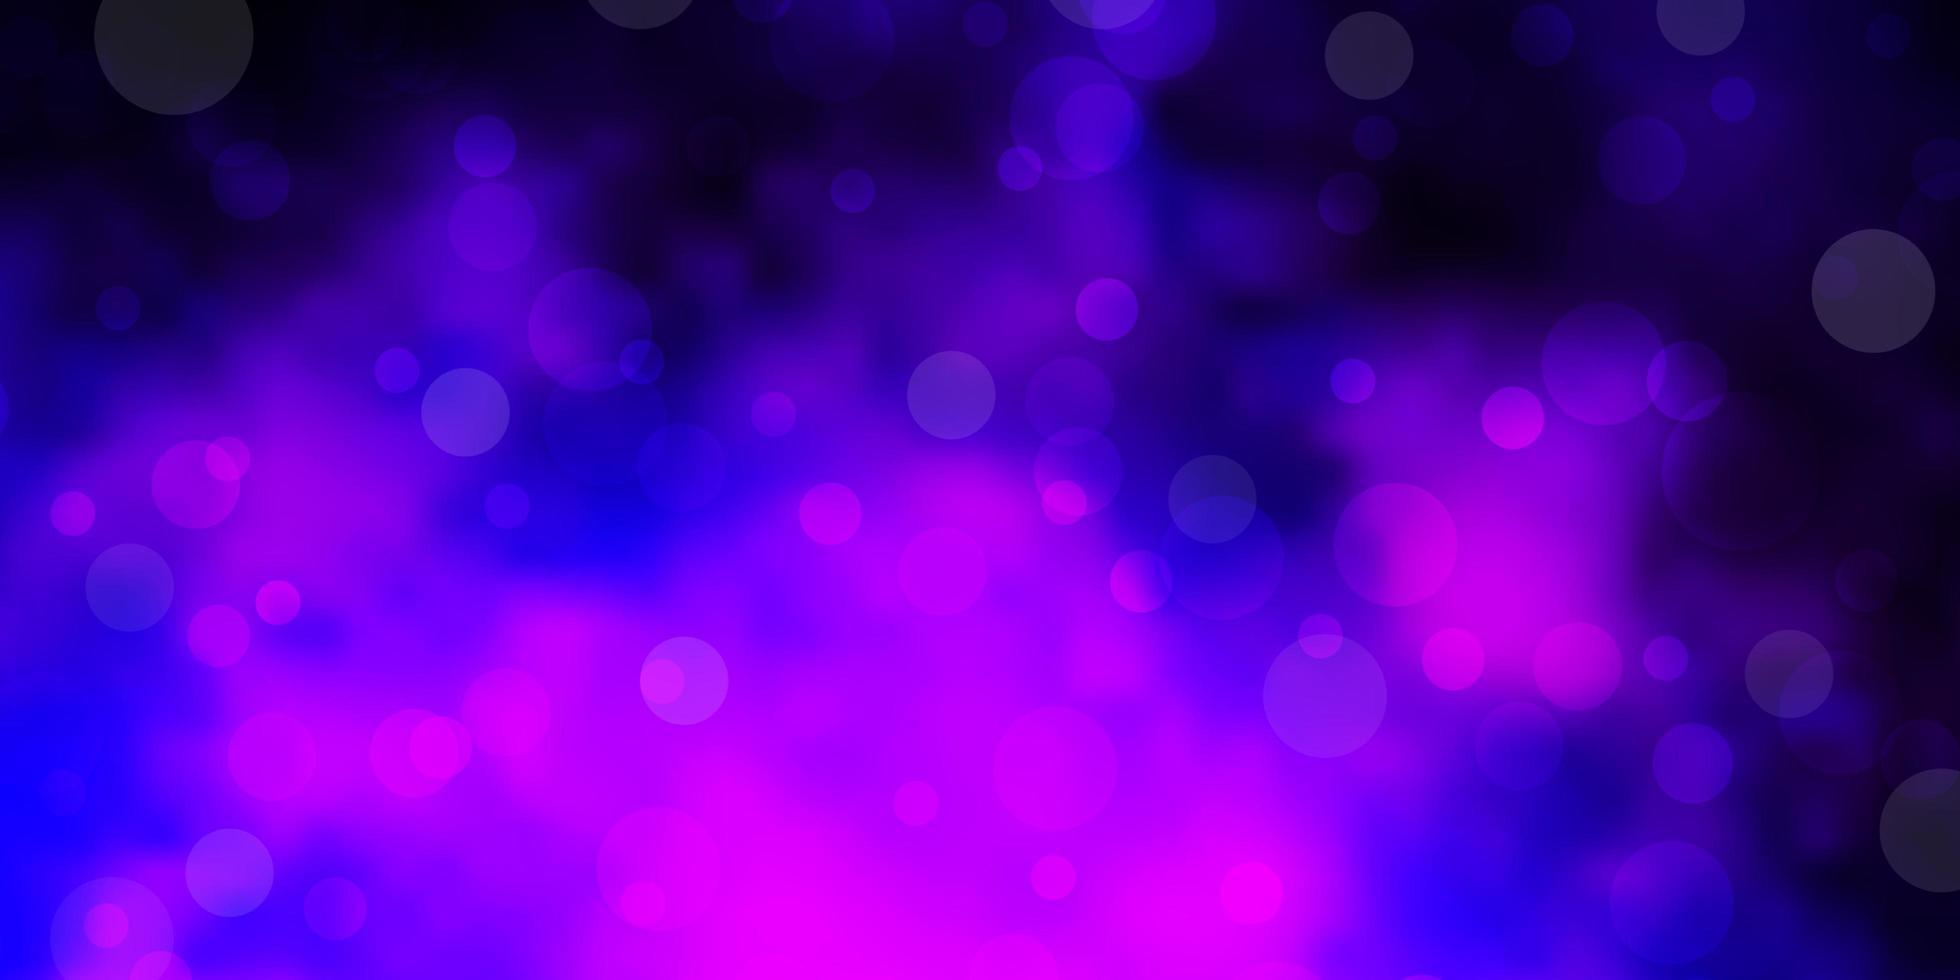 mörk lila vektormall med cirklar. vektor